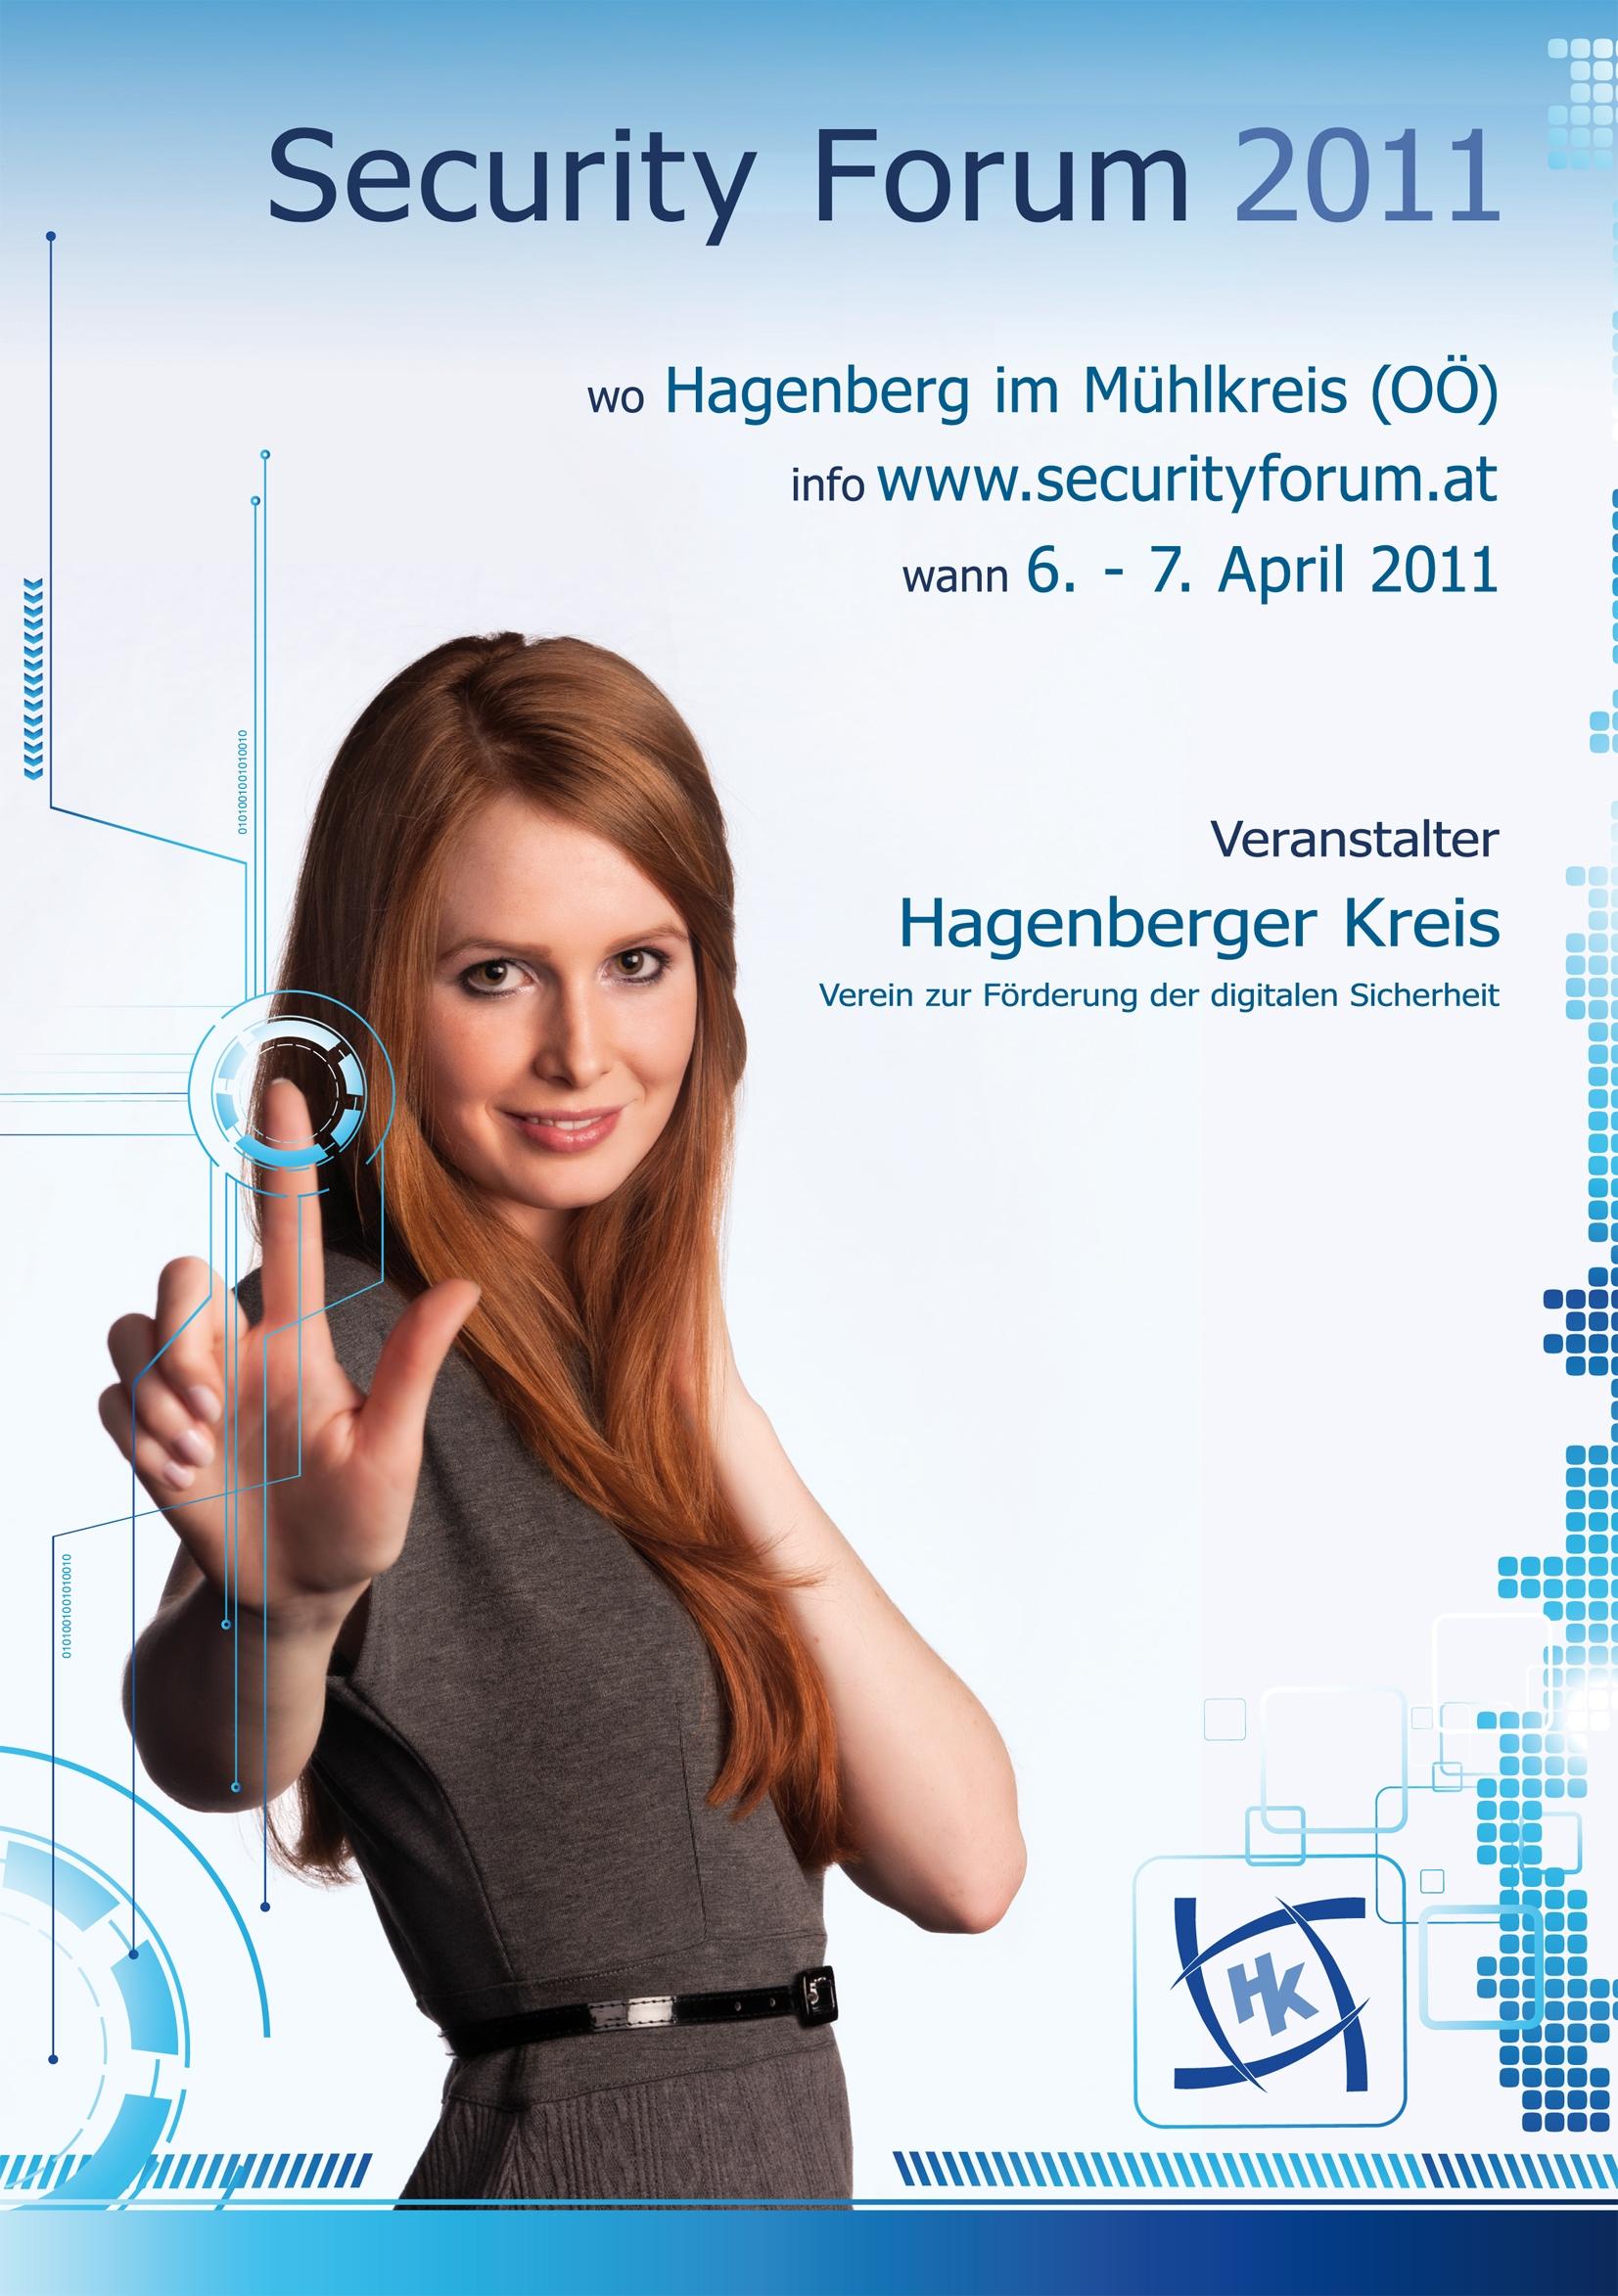 © Hagenberger Kreis zur Förderung der digitalen Sicherheit